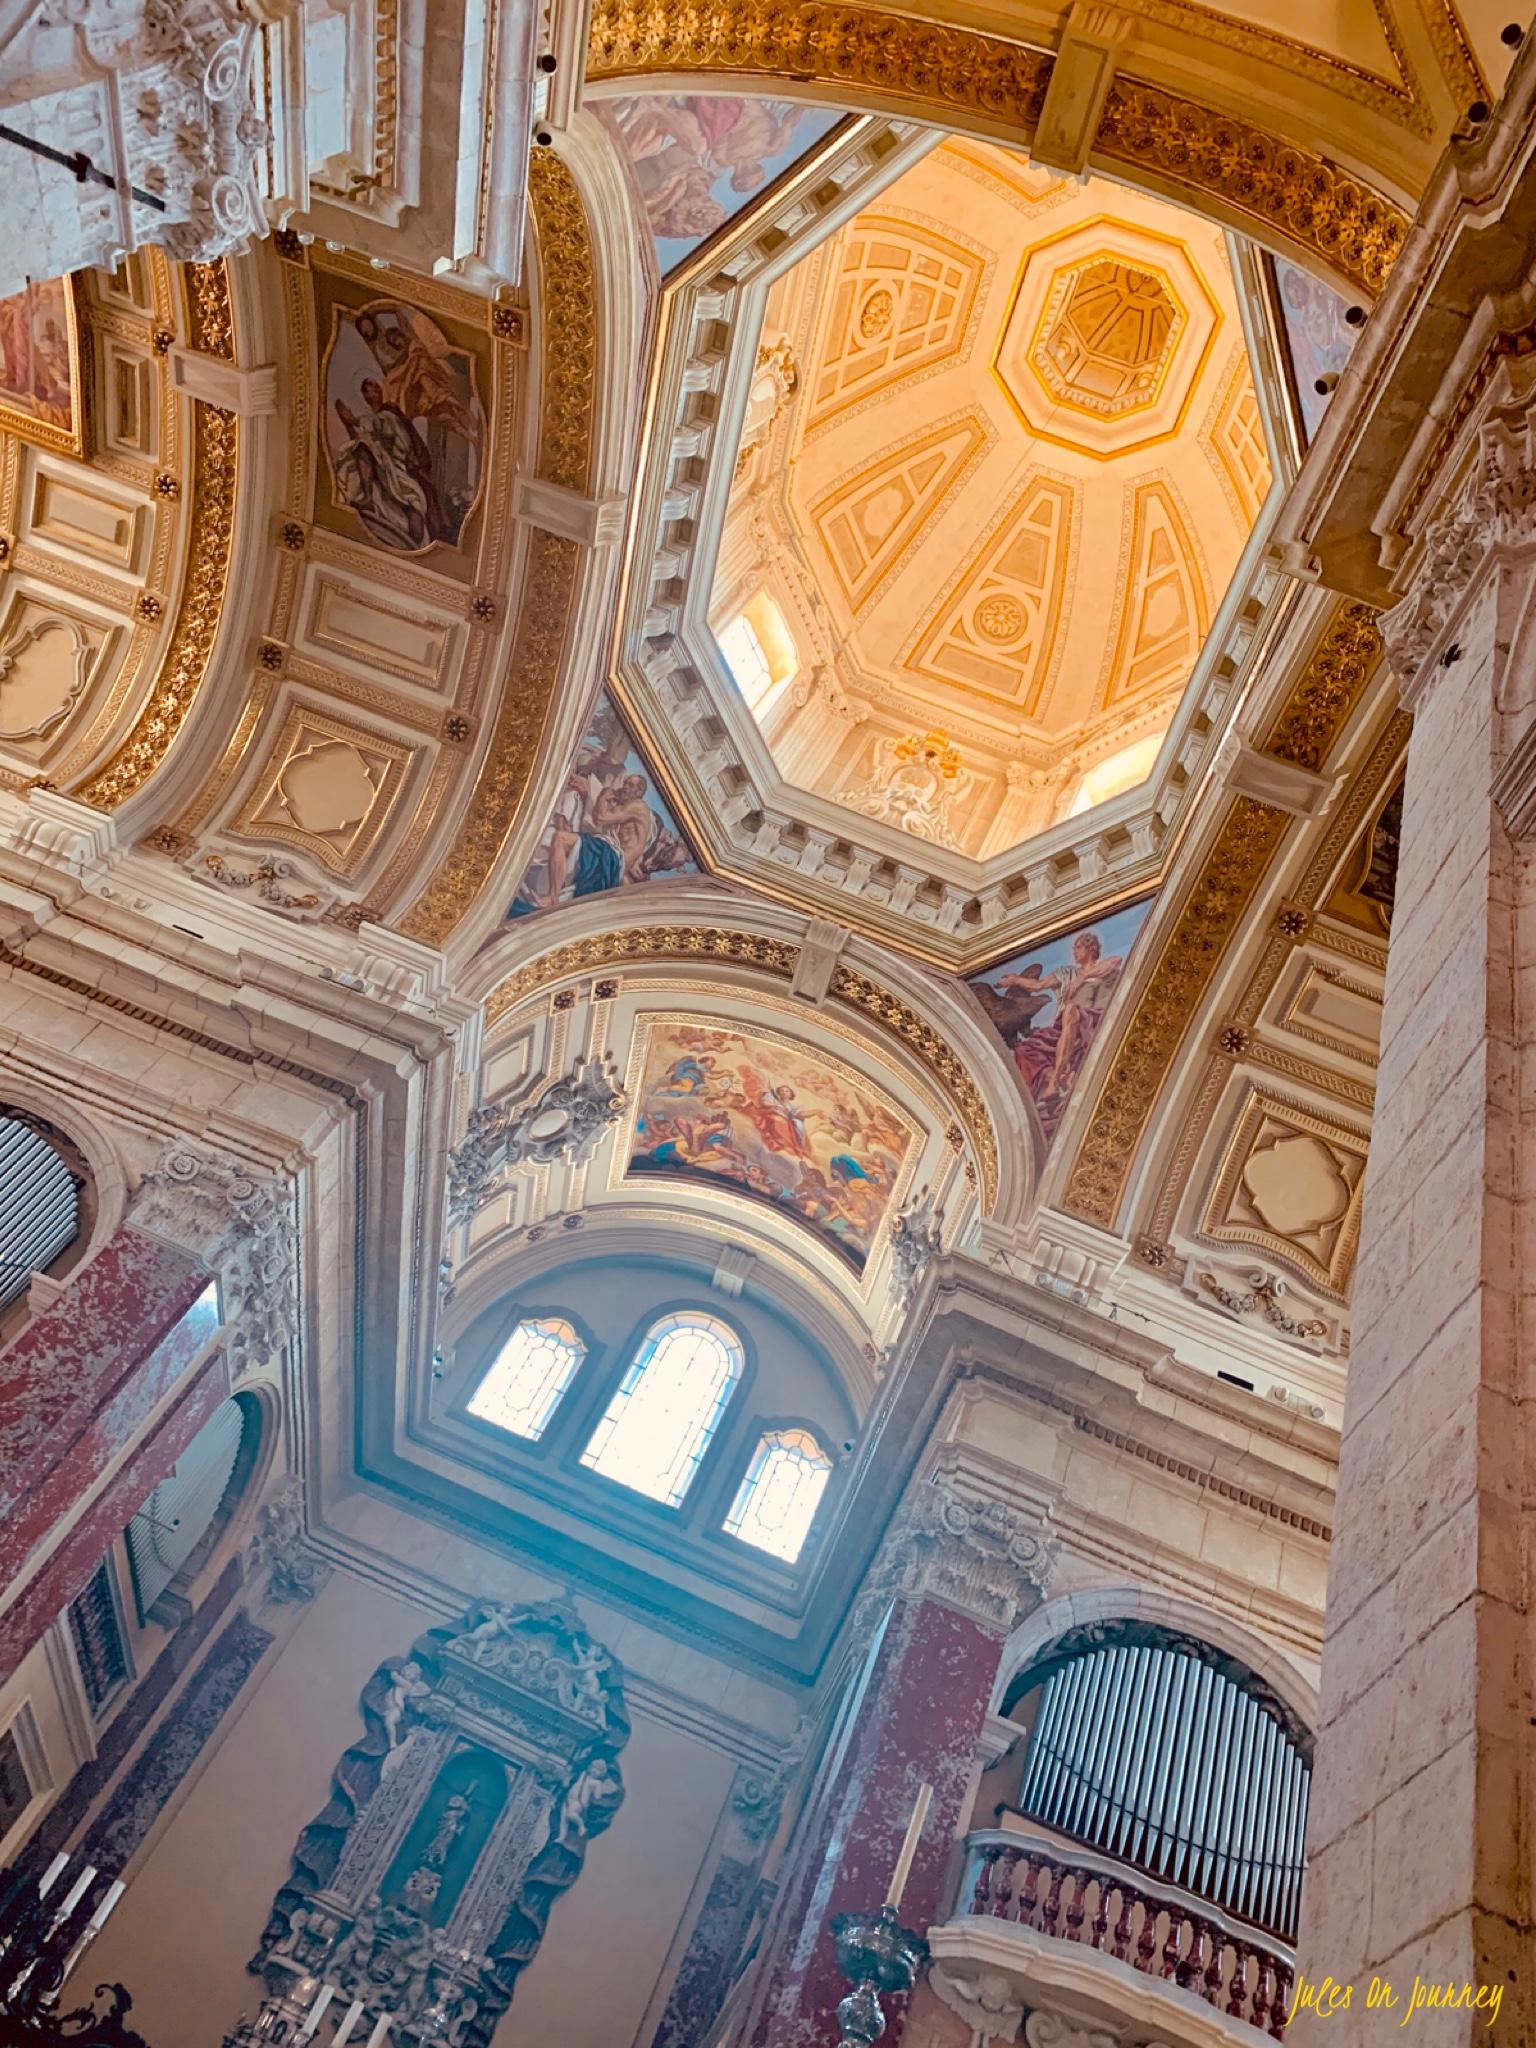 Wunderschöne Wandmalereien in der Kathedrale. Dieses Licht erweckt die Kunst zum Leben.